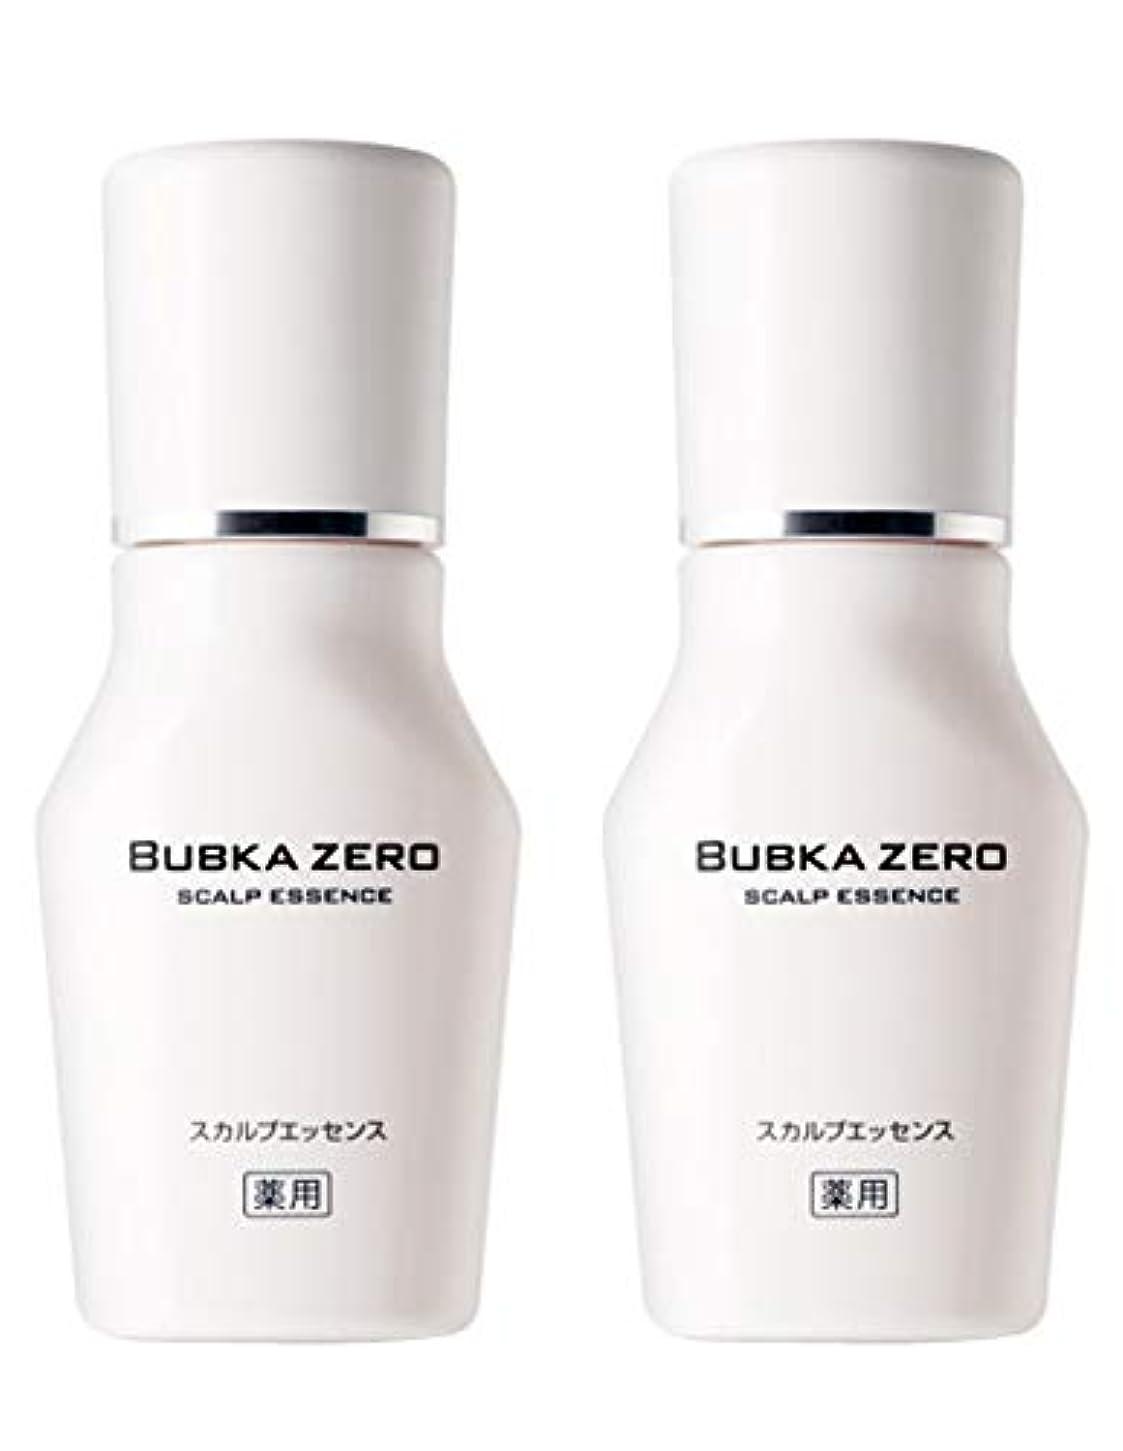 捕虜換気する競う【医薬部外品】BUBKA(ブブカ)薬用 スカルプエッセンス 育毛剤 BUBKA ZERO (ブブカ ゼロ)2本セット